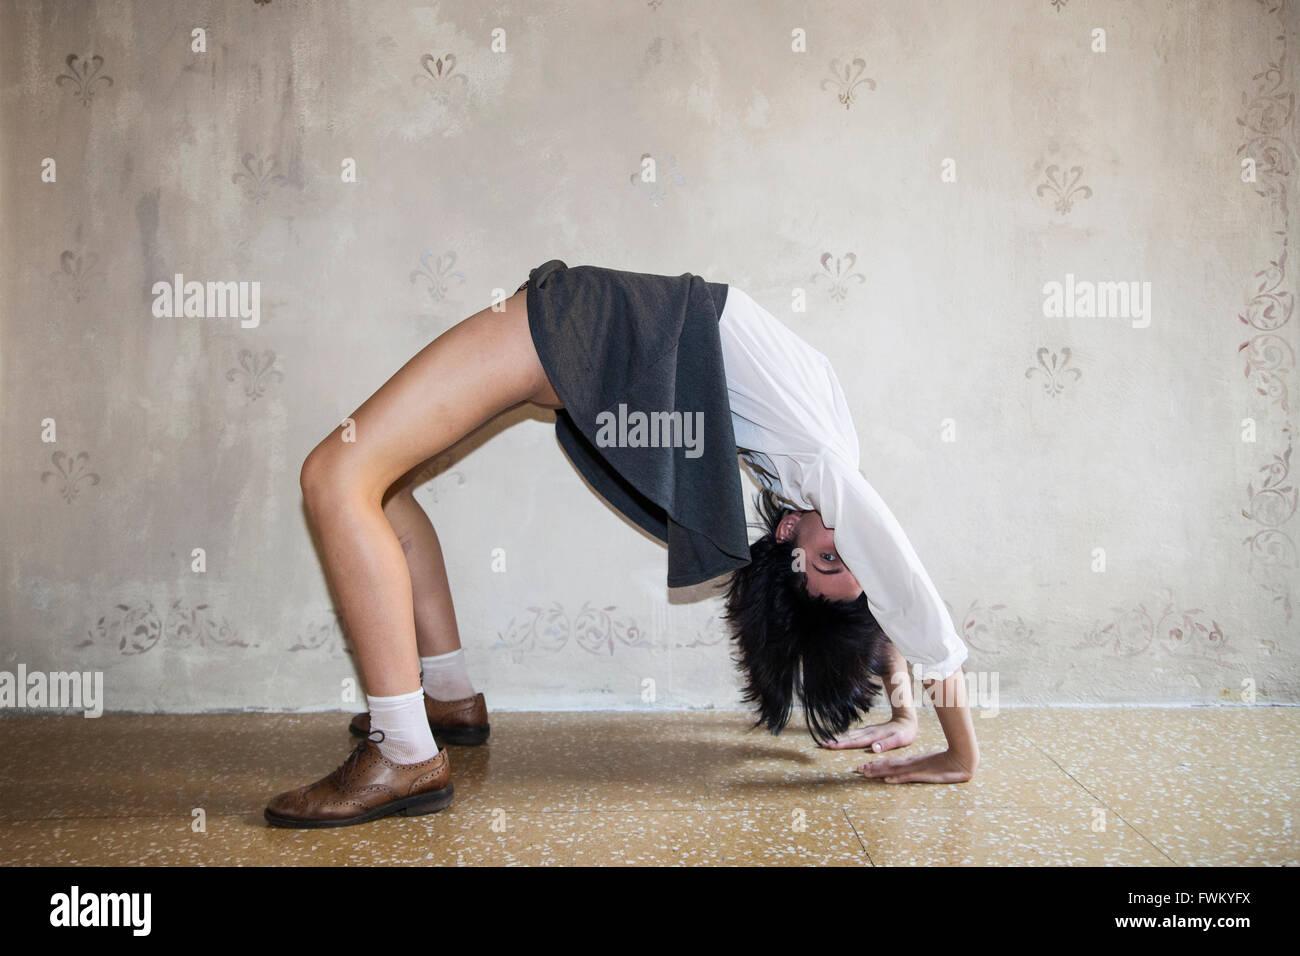 Toute la longueur du mur contre Woman Practicing Yoga Photo Stock